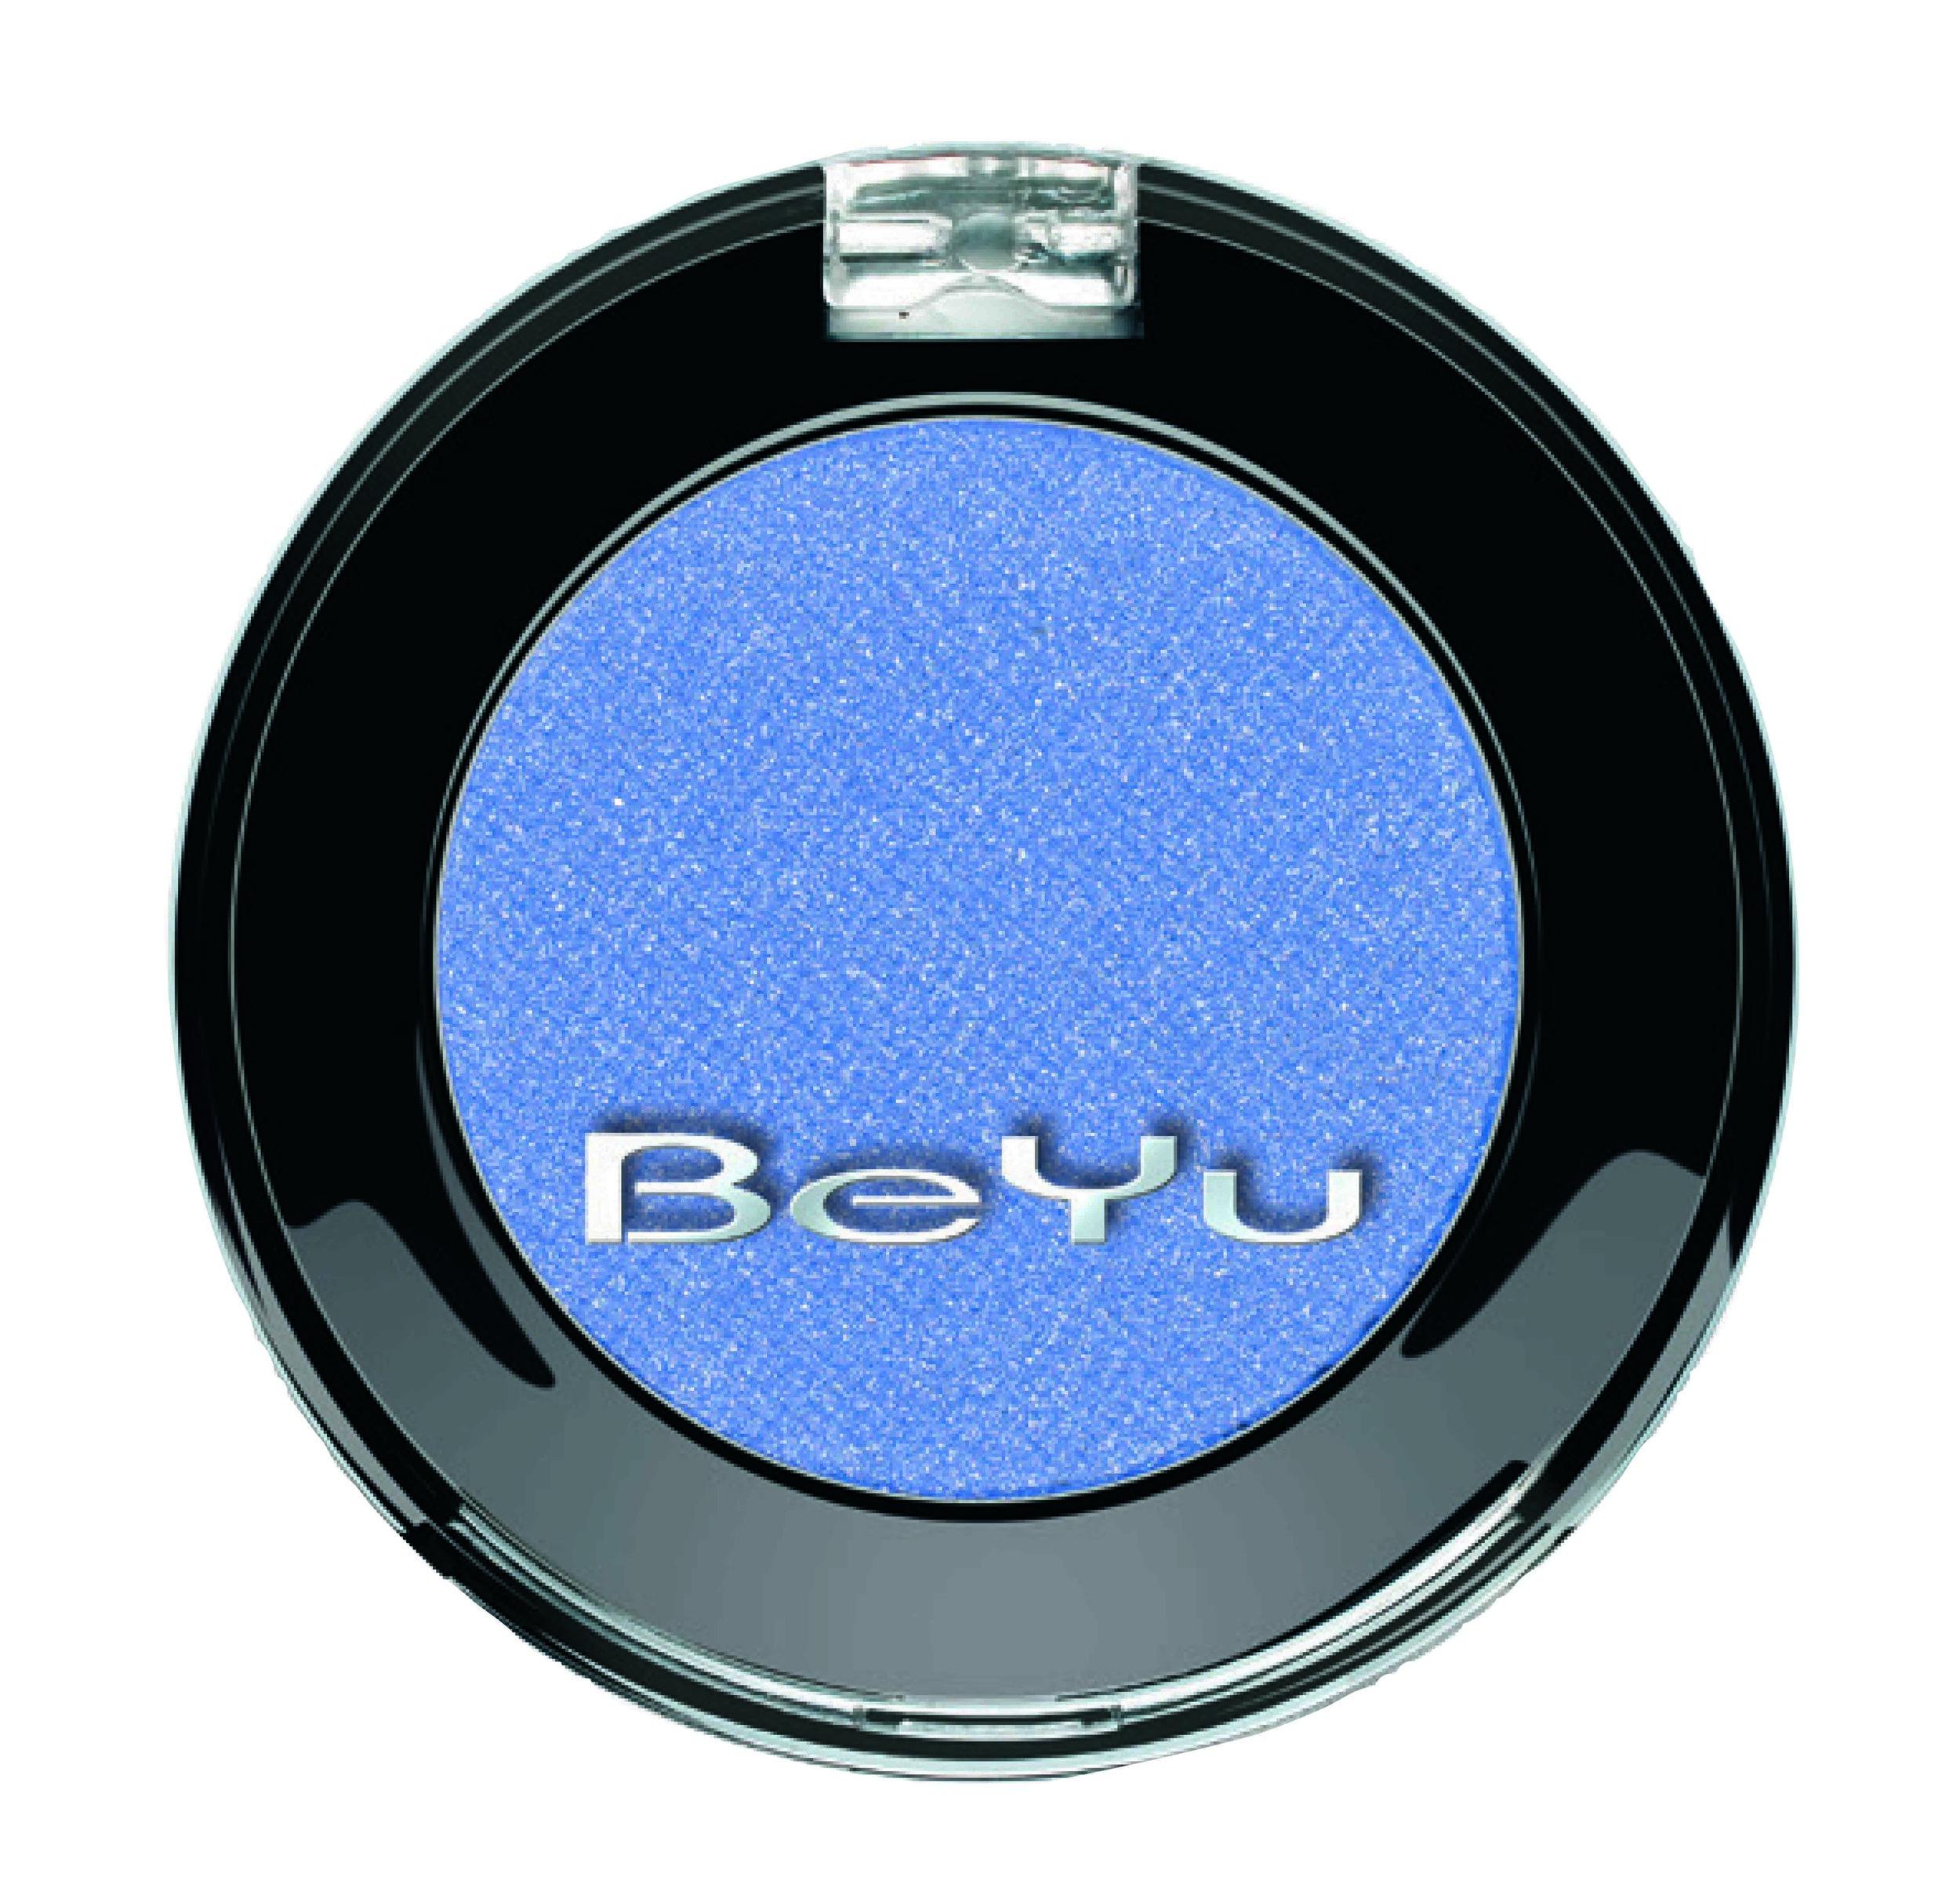 Beyu-Color-swing-eyeshadow_QR-24.jpg